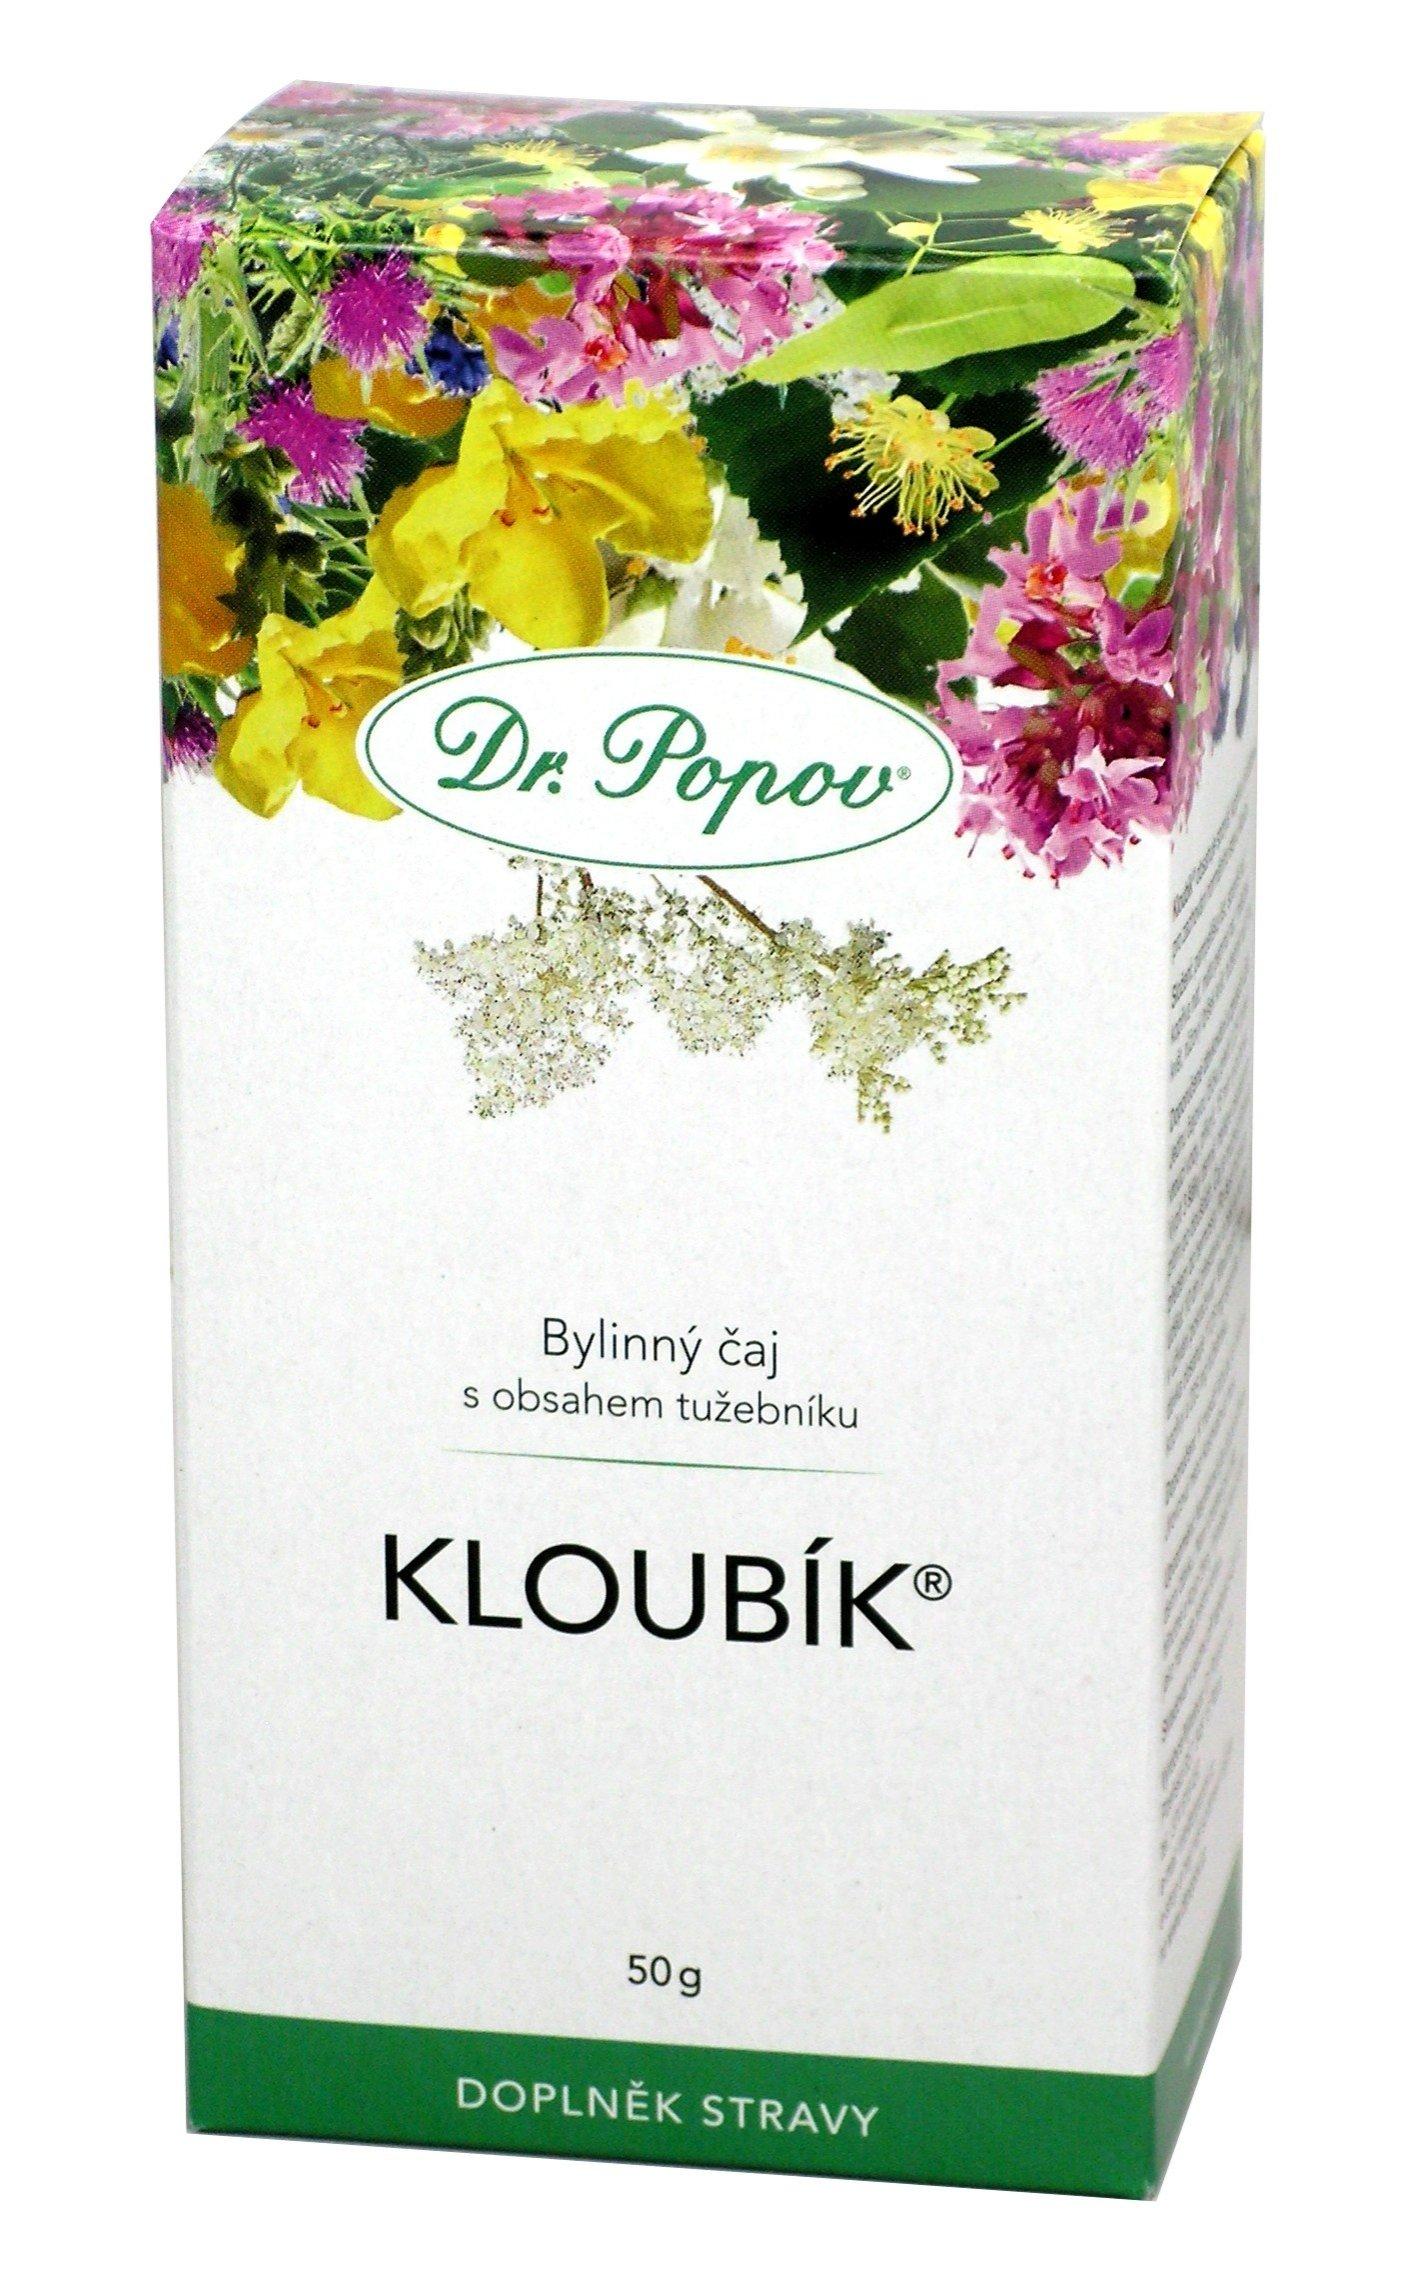 Čaj Kloubík® Varianta: Sypaný (50g)